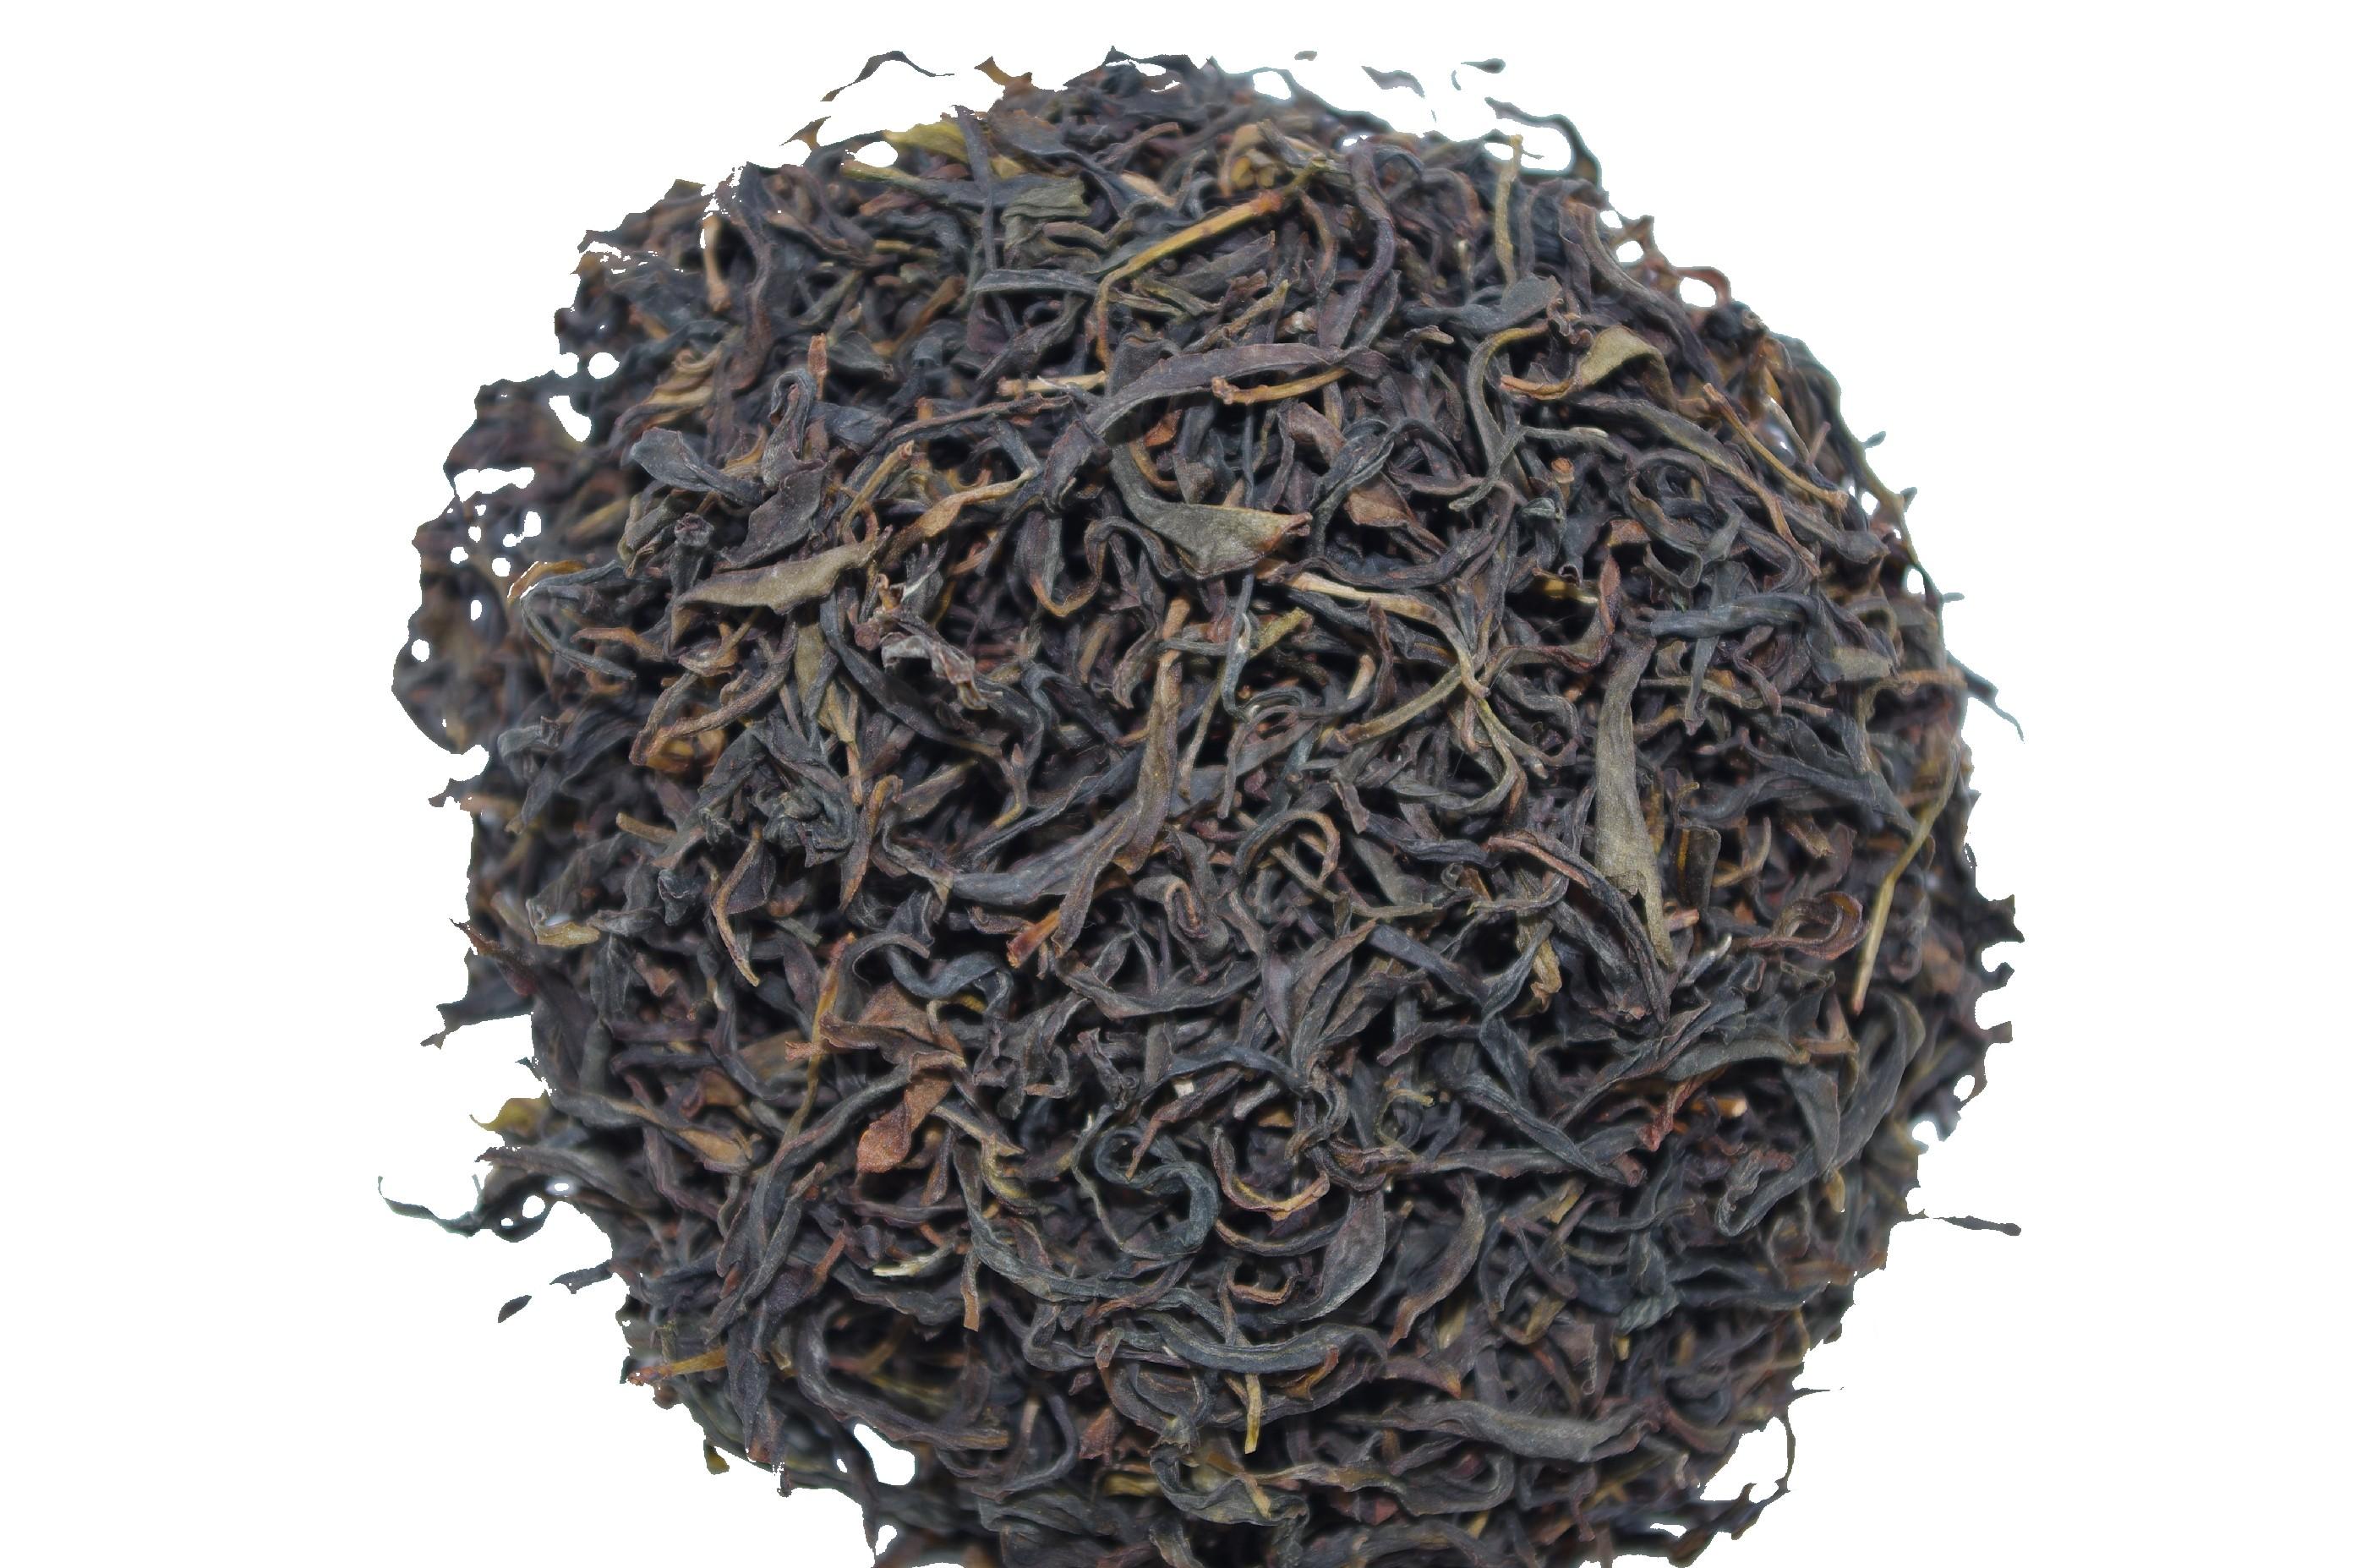 Ya Shi Xiang Dan Cong (provenant d'un arbre unique)